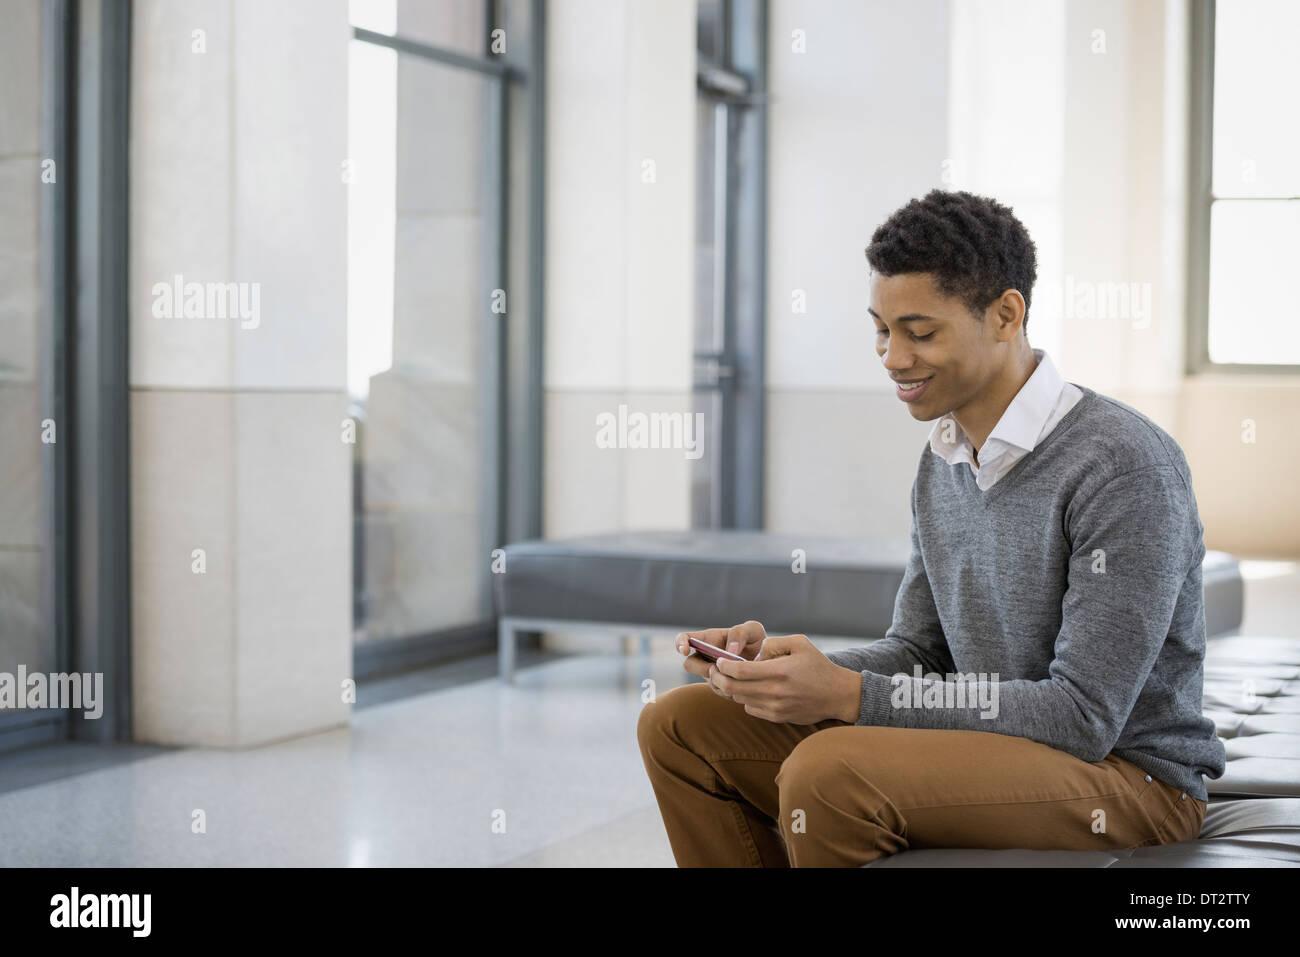 Uno stile di vita urbano un giovane uomo seduto in una lobby su un sedile unico con il suo telefono cellulare Immagini Stock